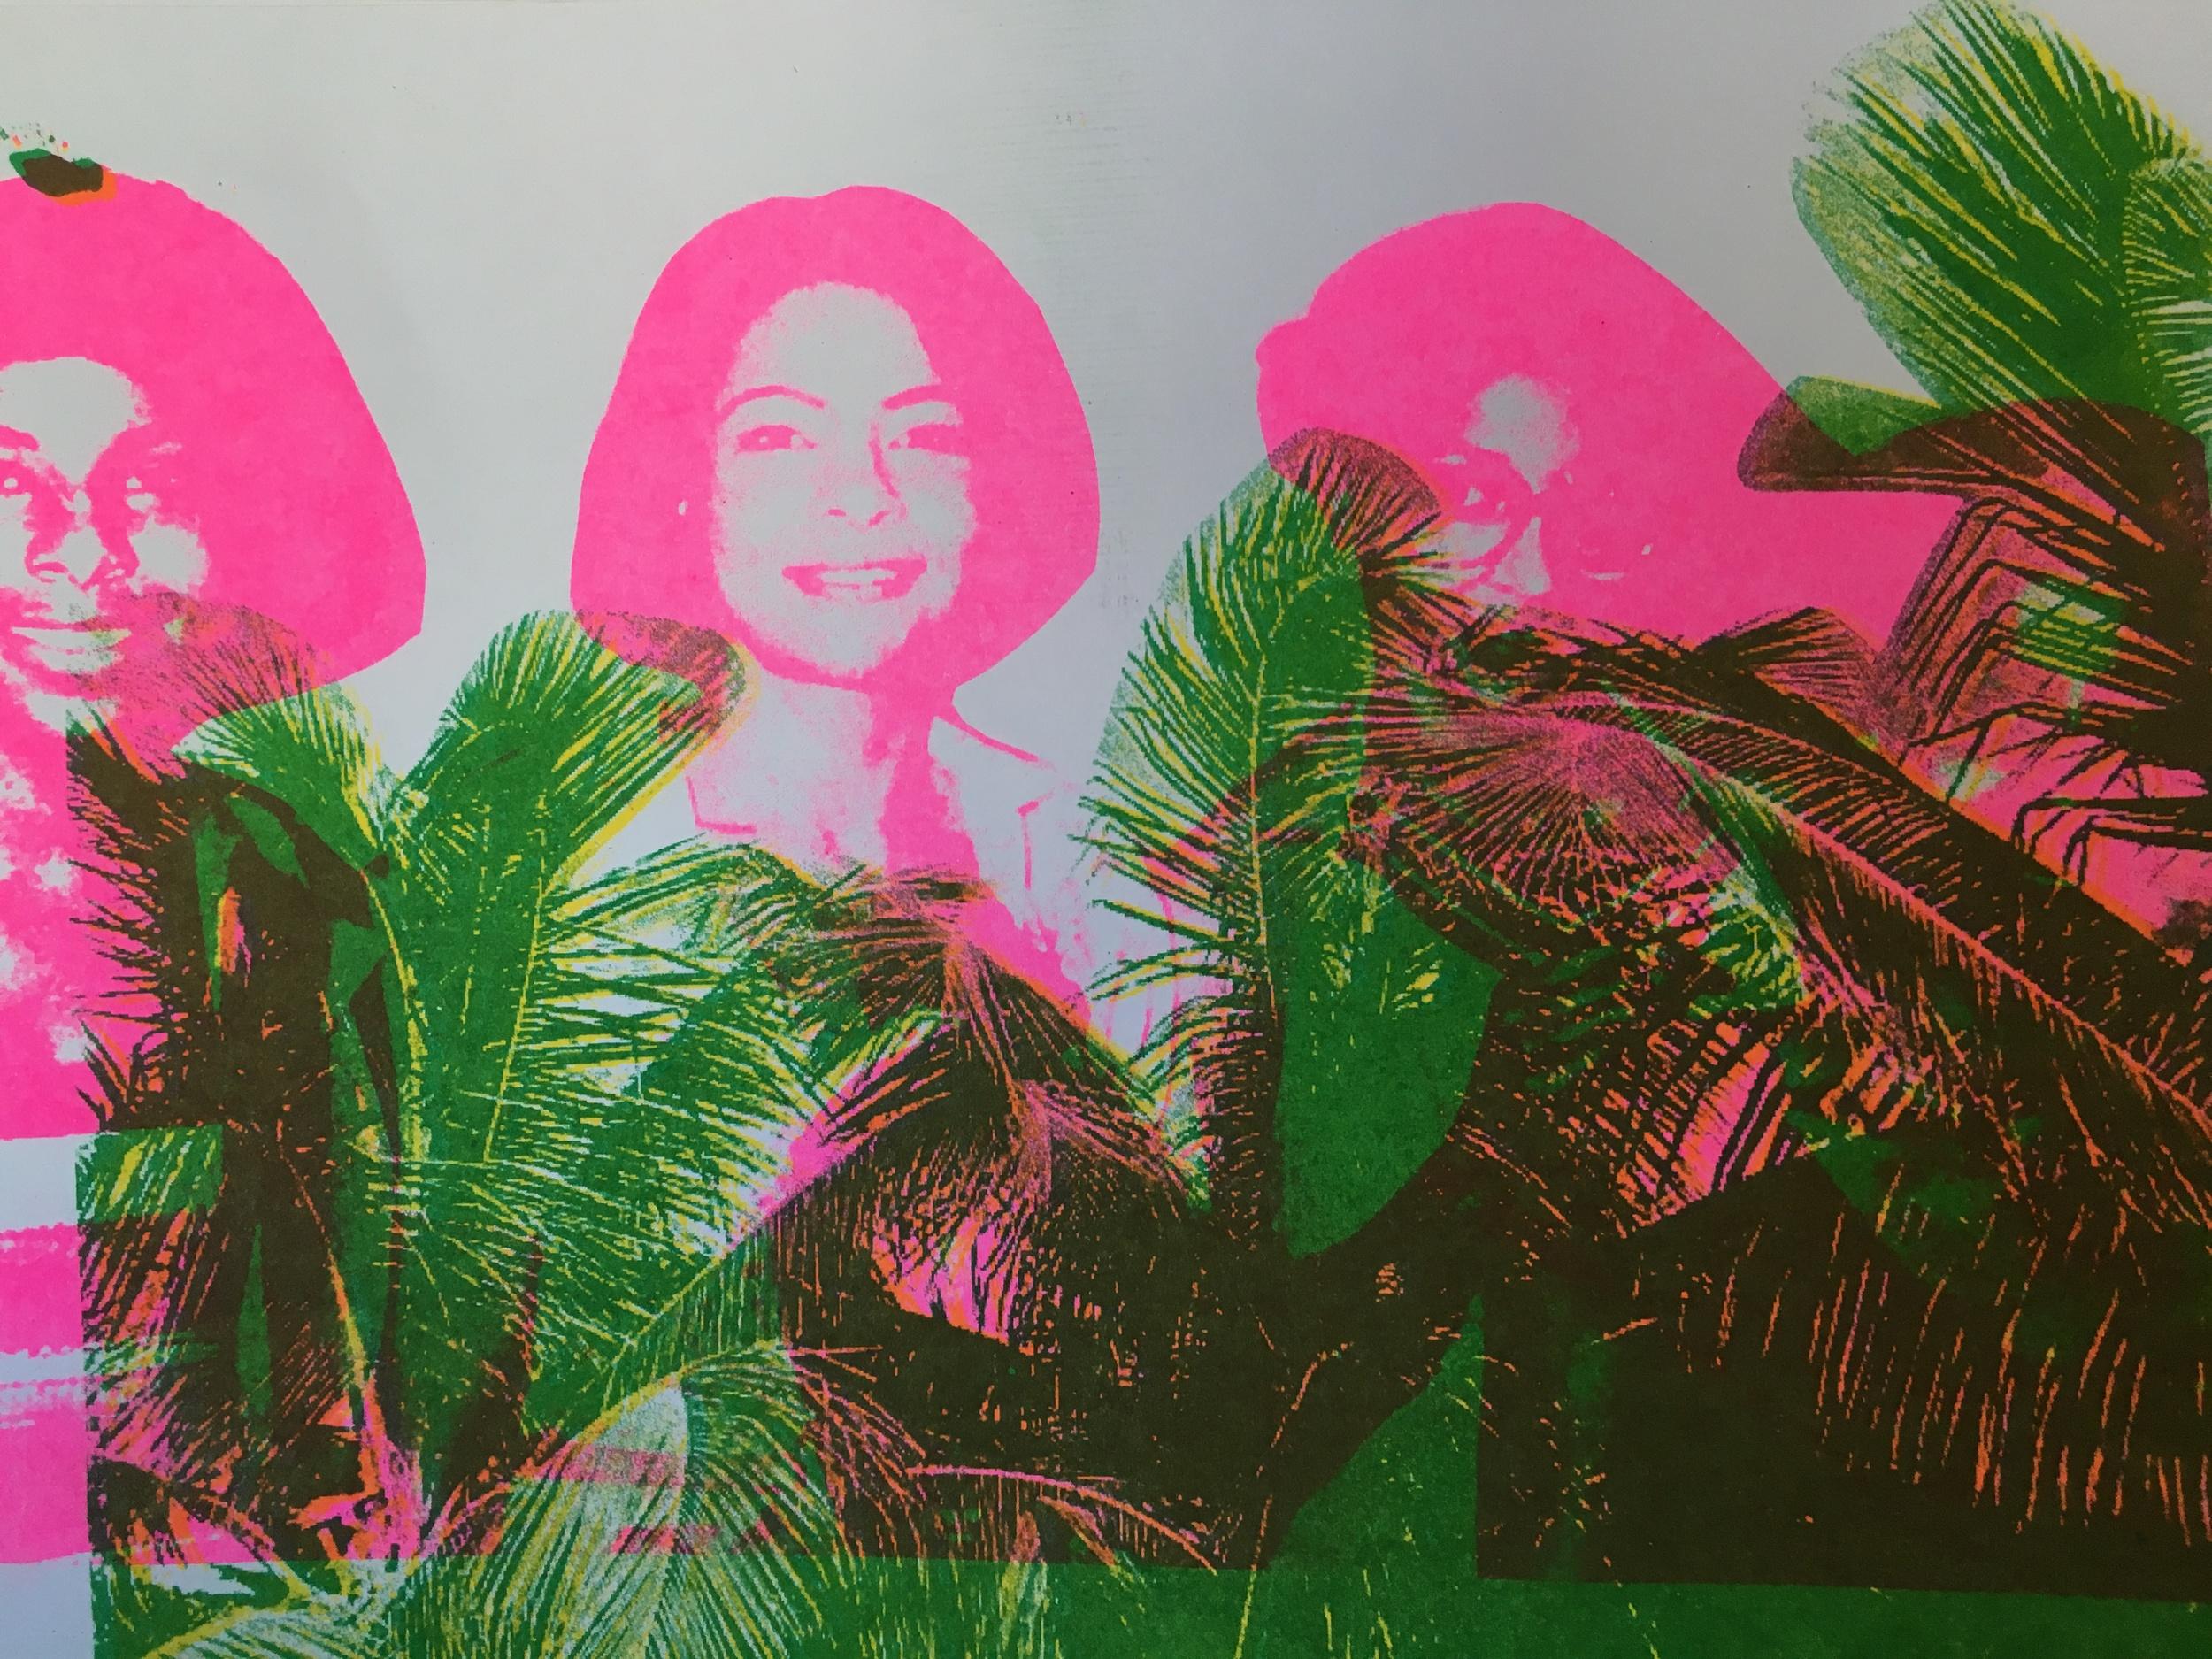 PALM TREES (FAMILY PORTRAIT)